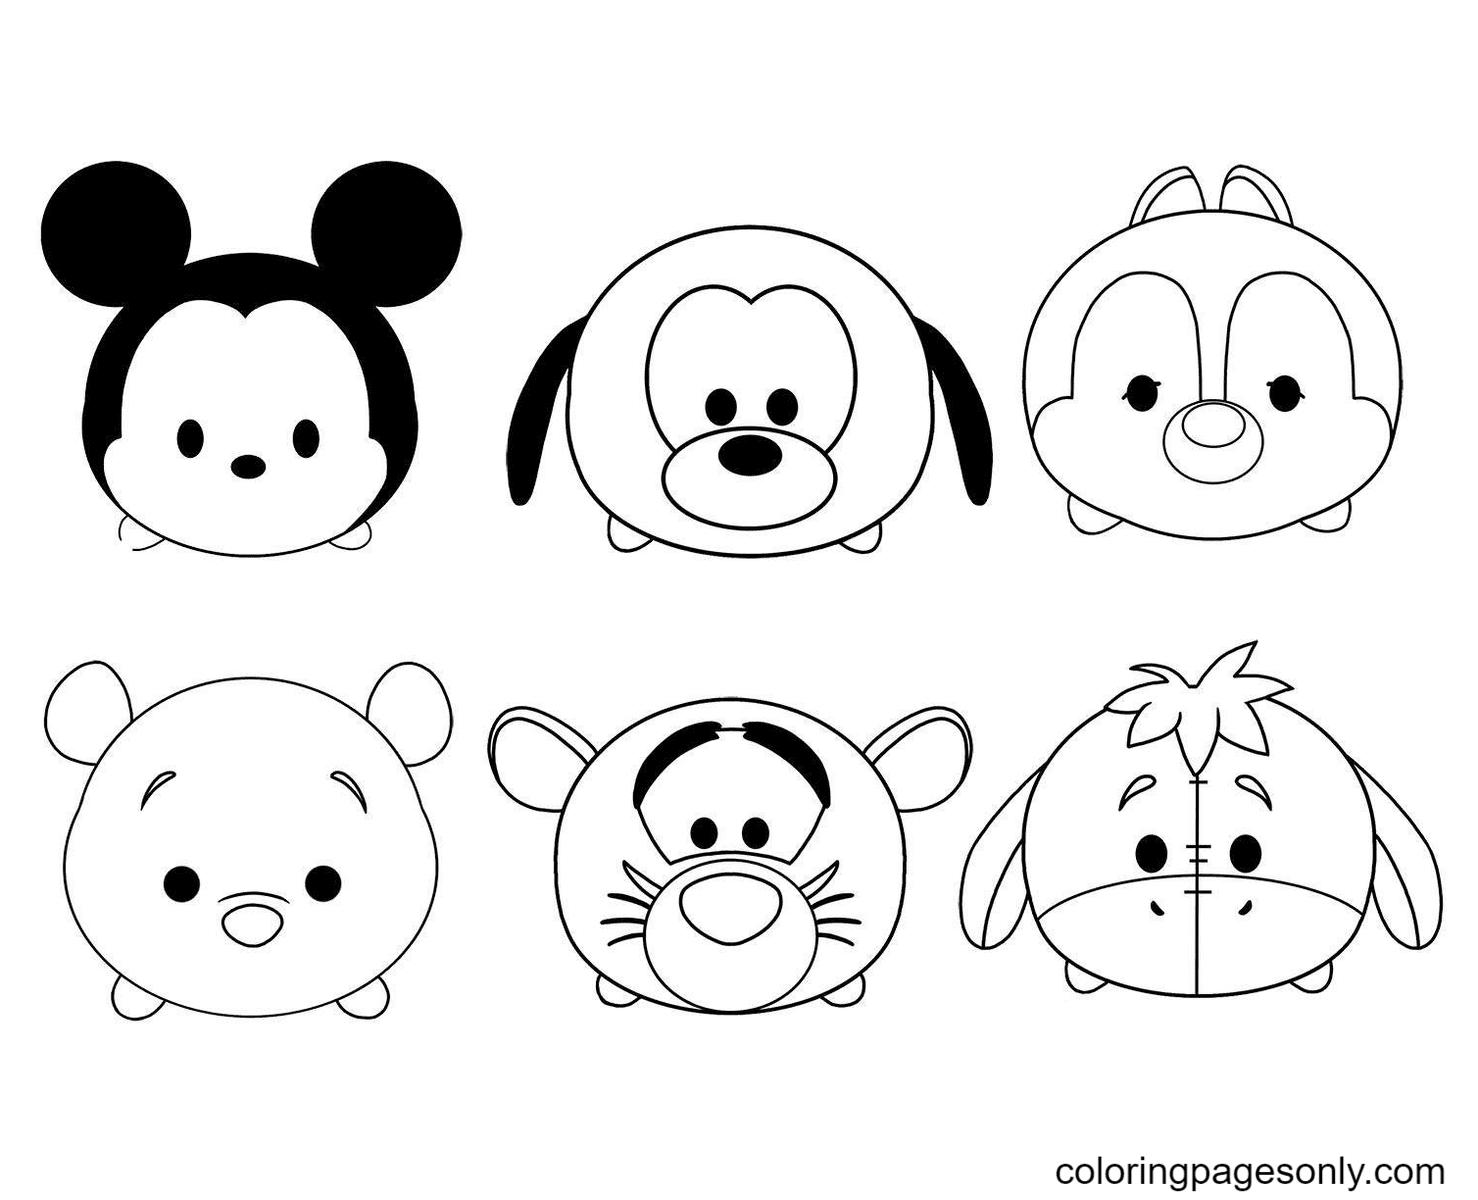 Kawaii Disney Characters Coloring Page